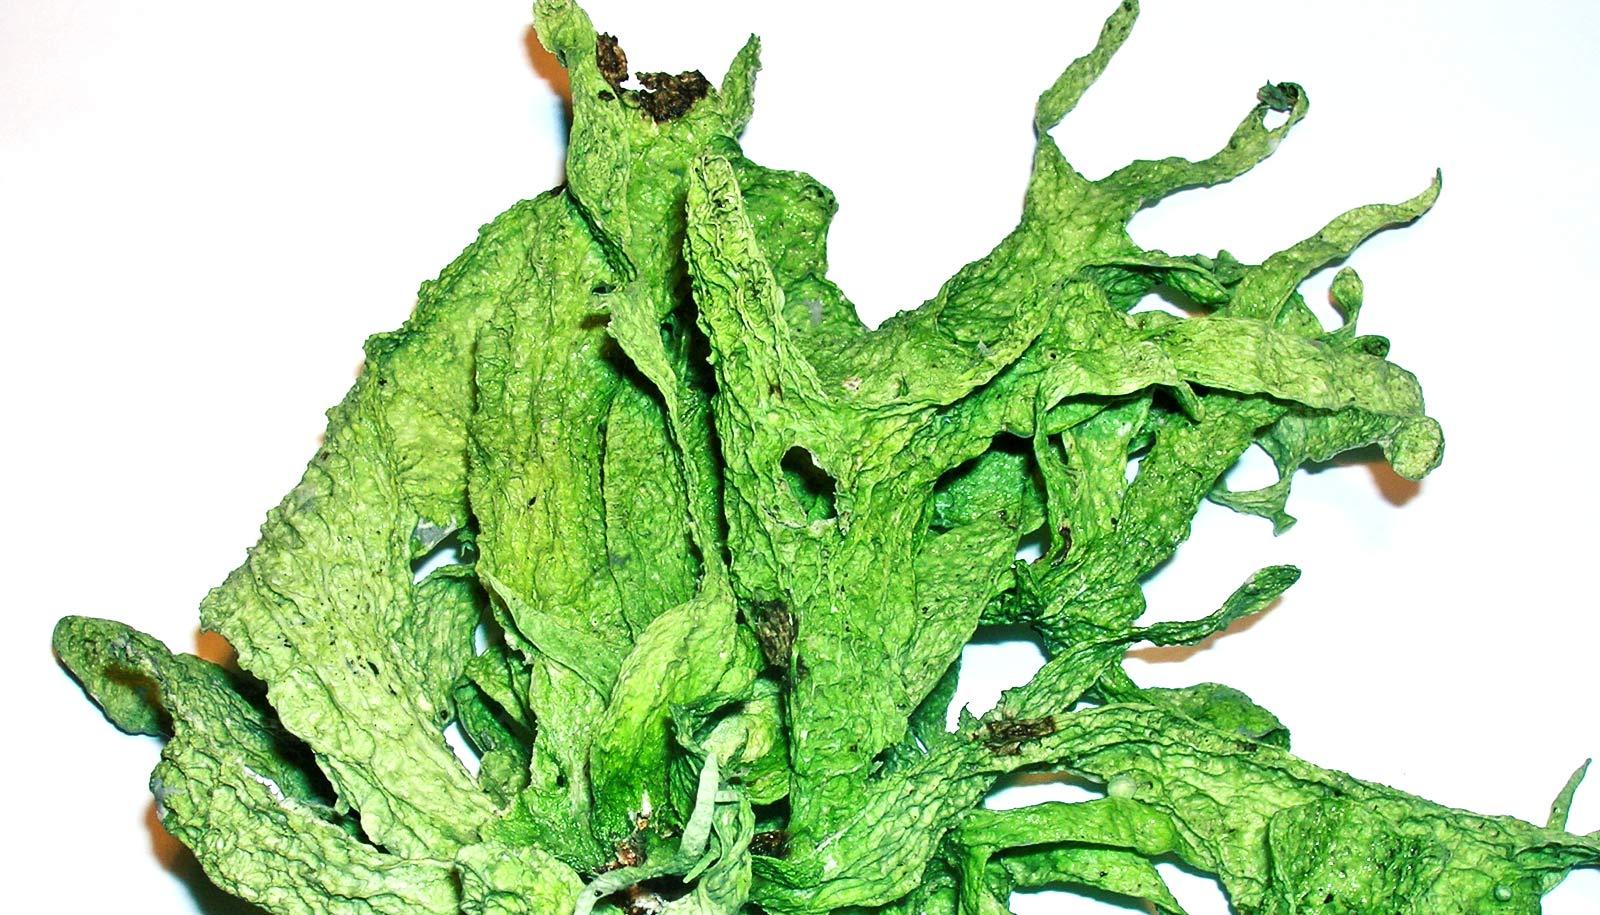 green lichen on white